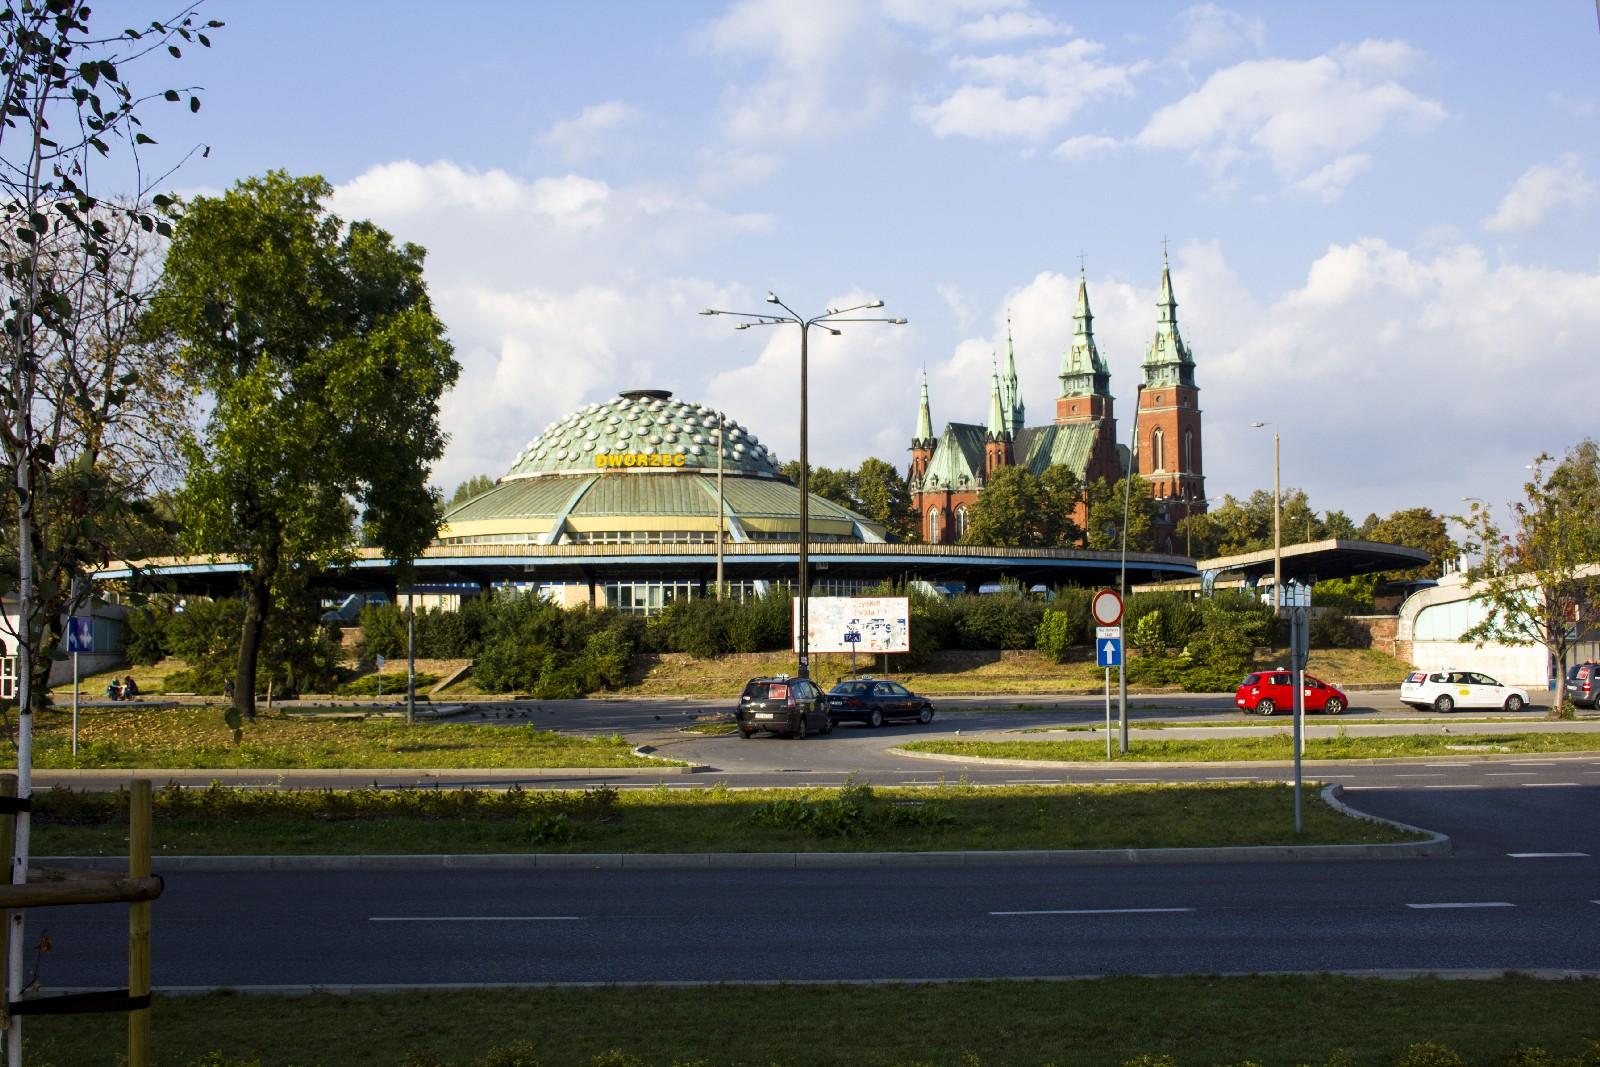 Czywarto odwiedzić Kielce?